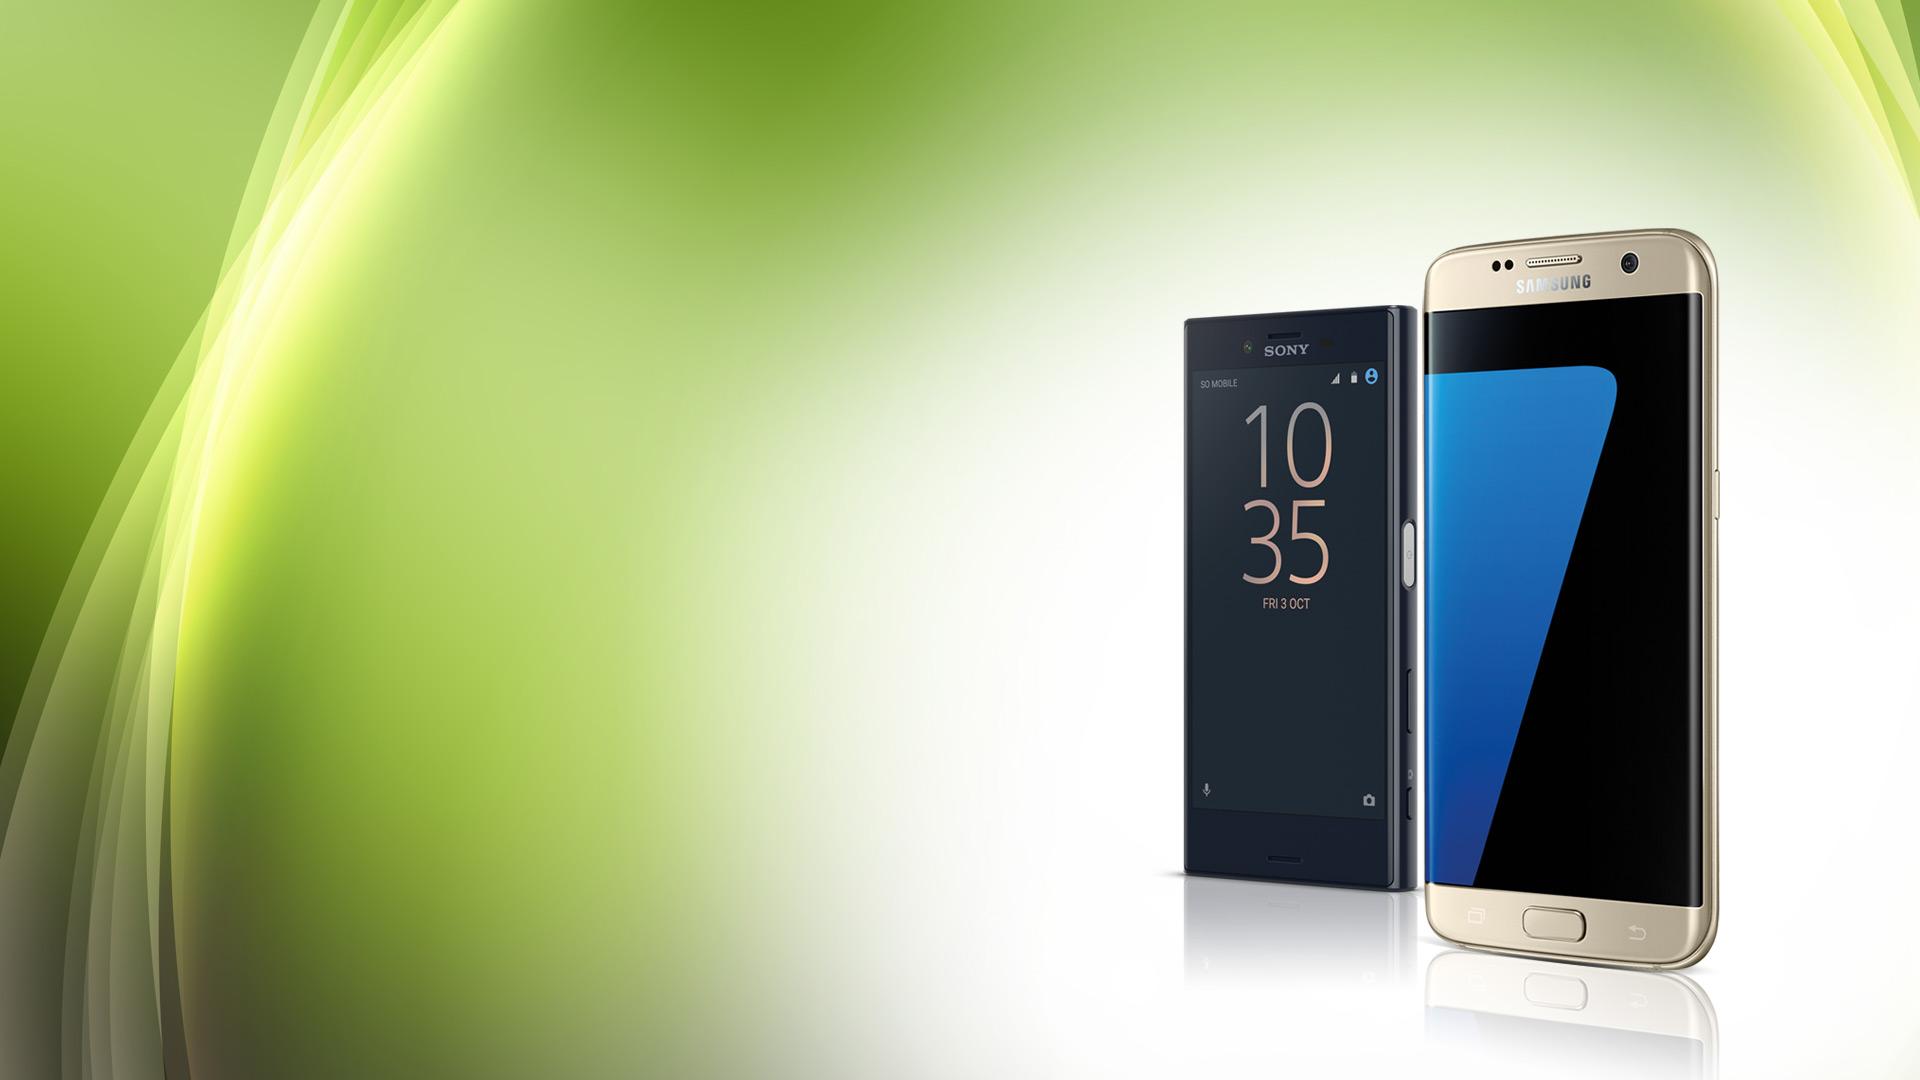 Neues Handy mit Mobilpoints günstiger holen